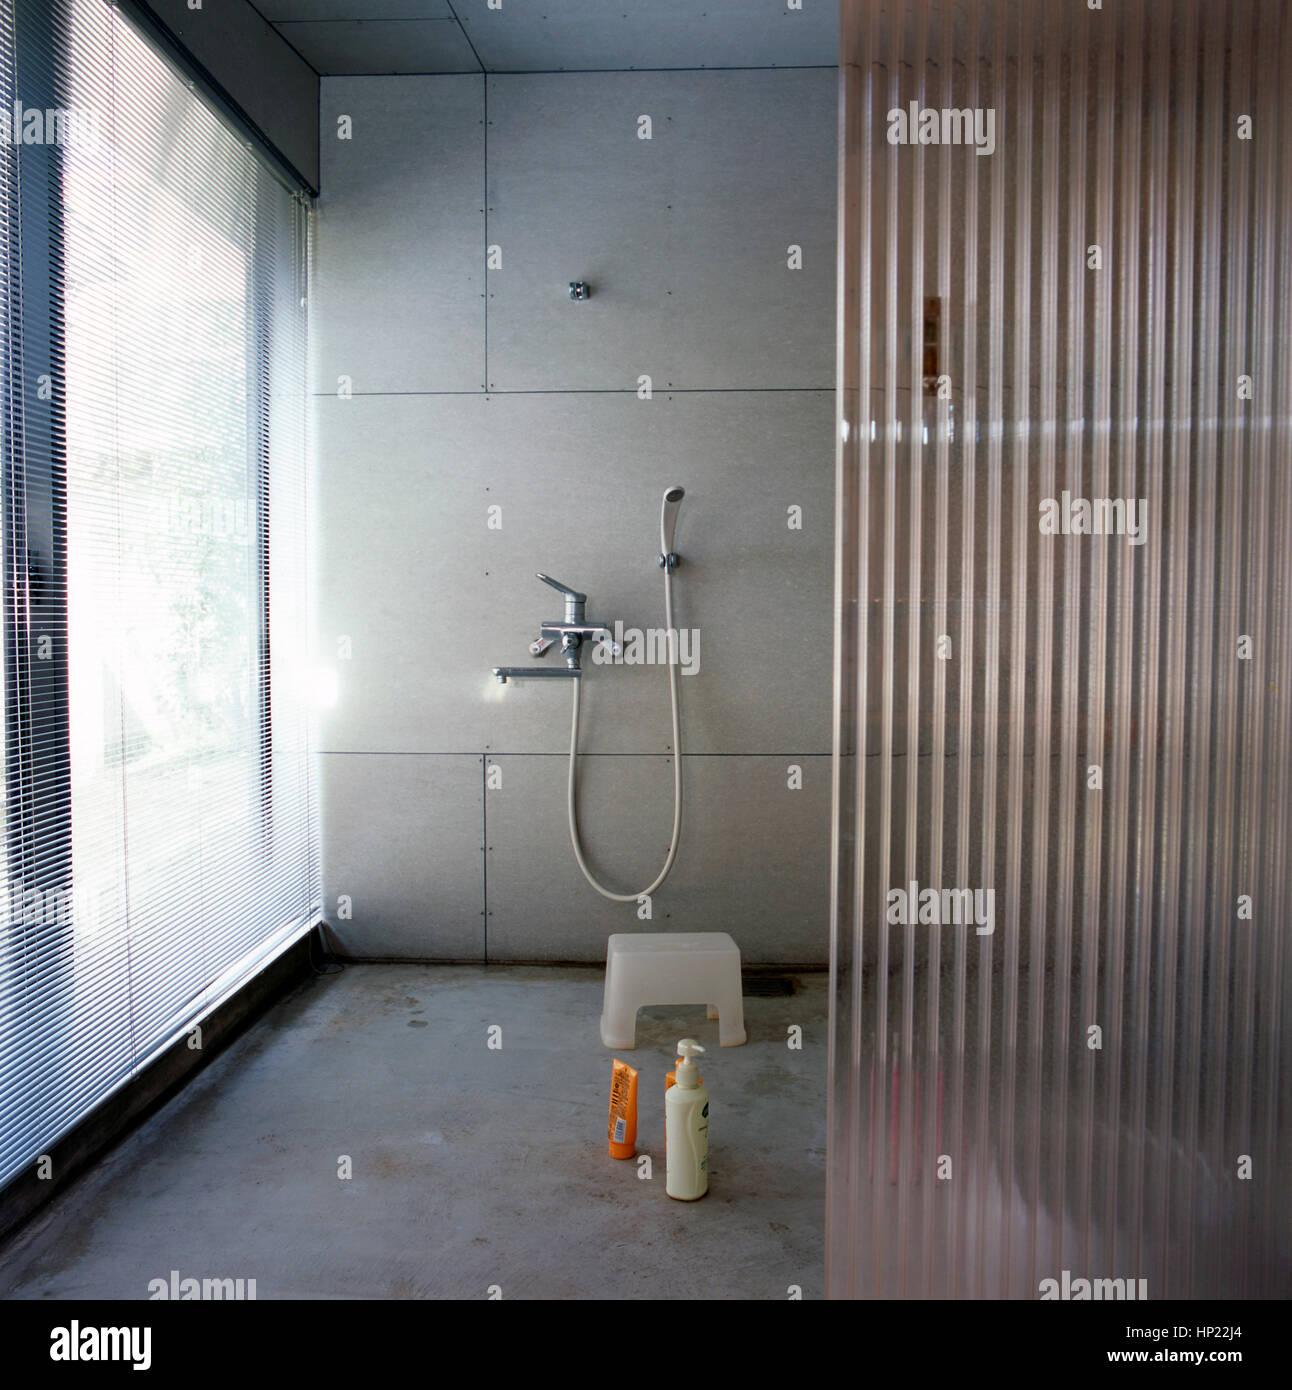 Japanisches Badezimmer Stockfotos & Japanisches Badezimmer Bilder ...